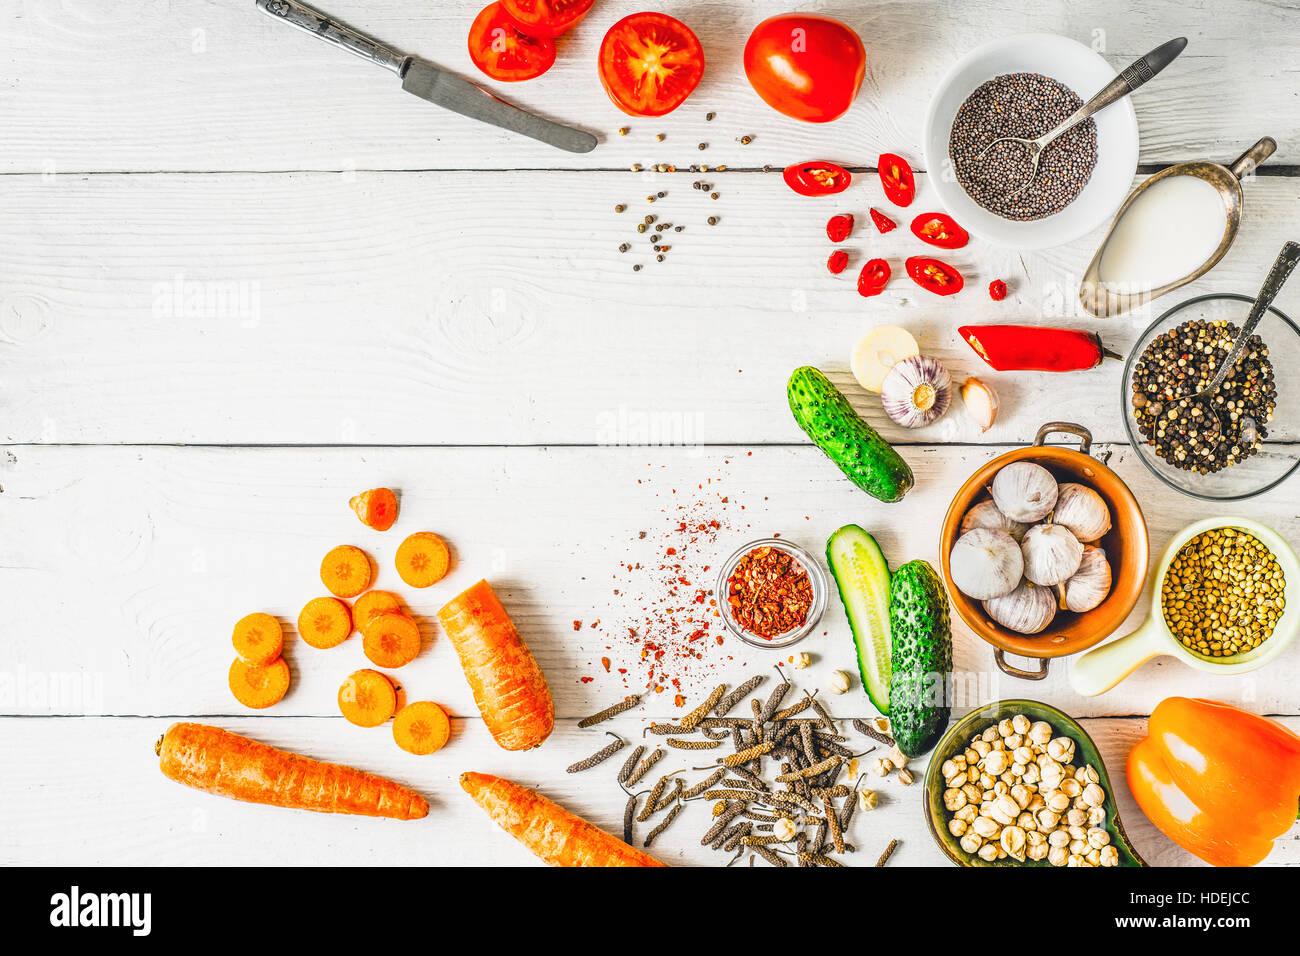 Productos para Oriente Próximo, el Cáucaso y la cocina asiática en la vista superior de mesa blanco Imagen De Stock